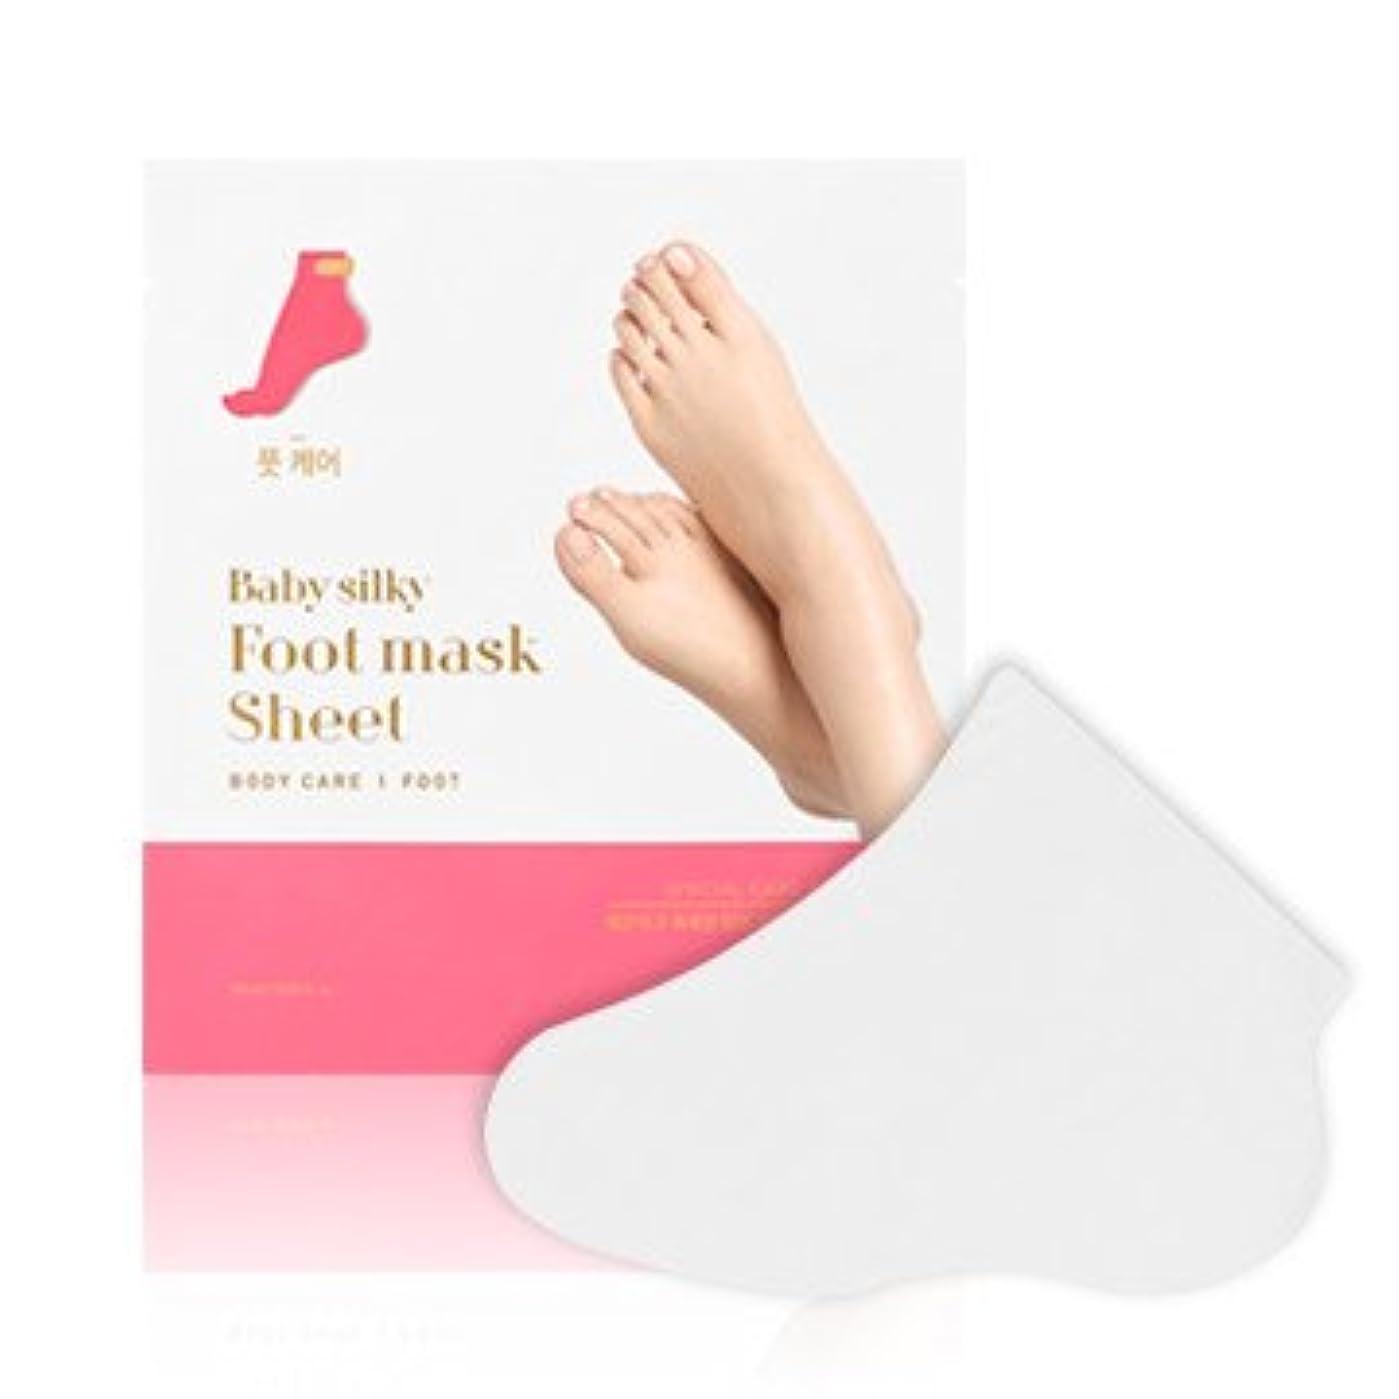 無効バルセロナアジア人[Holika Holika/ホリカホリカ] ベビーシルキーフット マスクシート ?しっとり?/ Baby Silky Foot Mask Sheet 6EA [並行輸入品] …